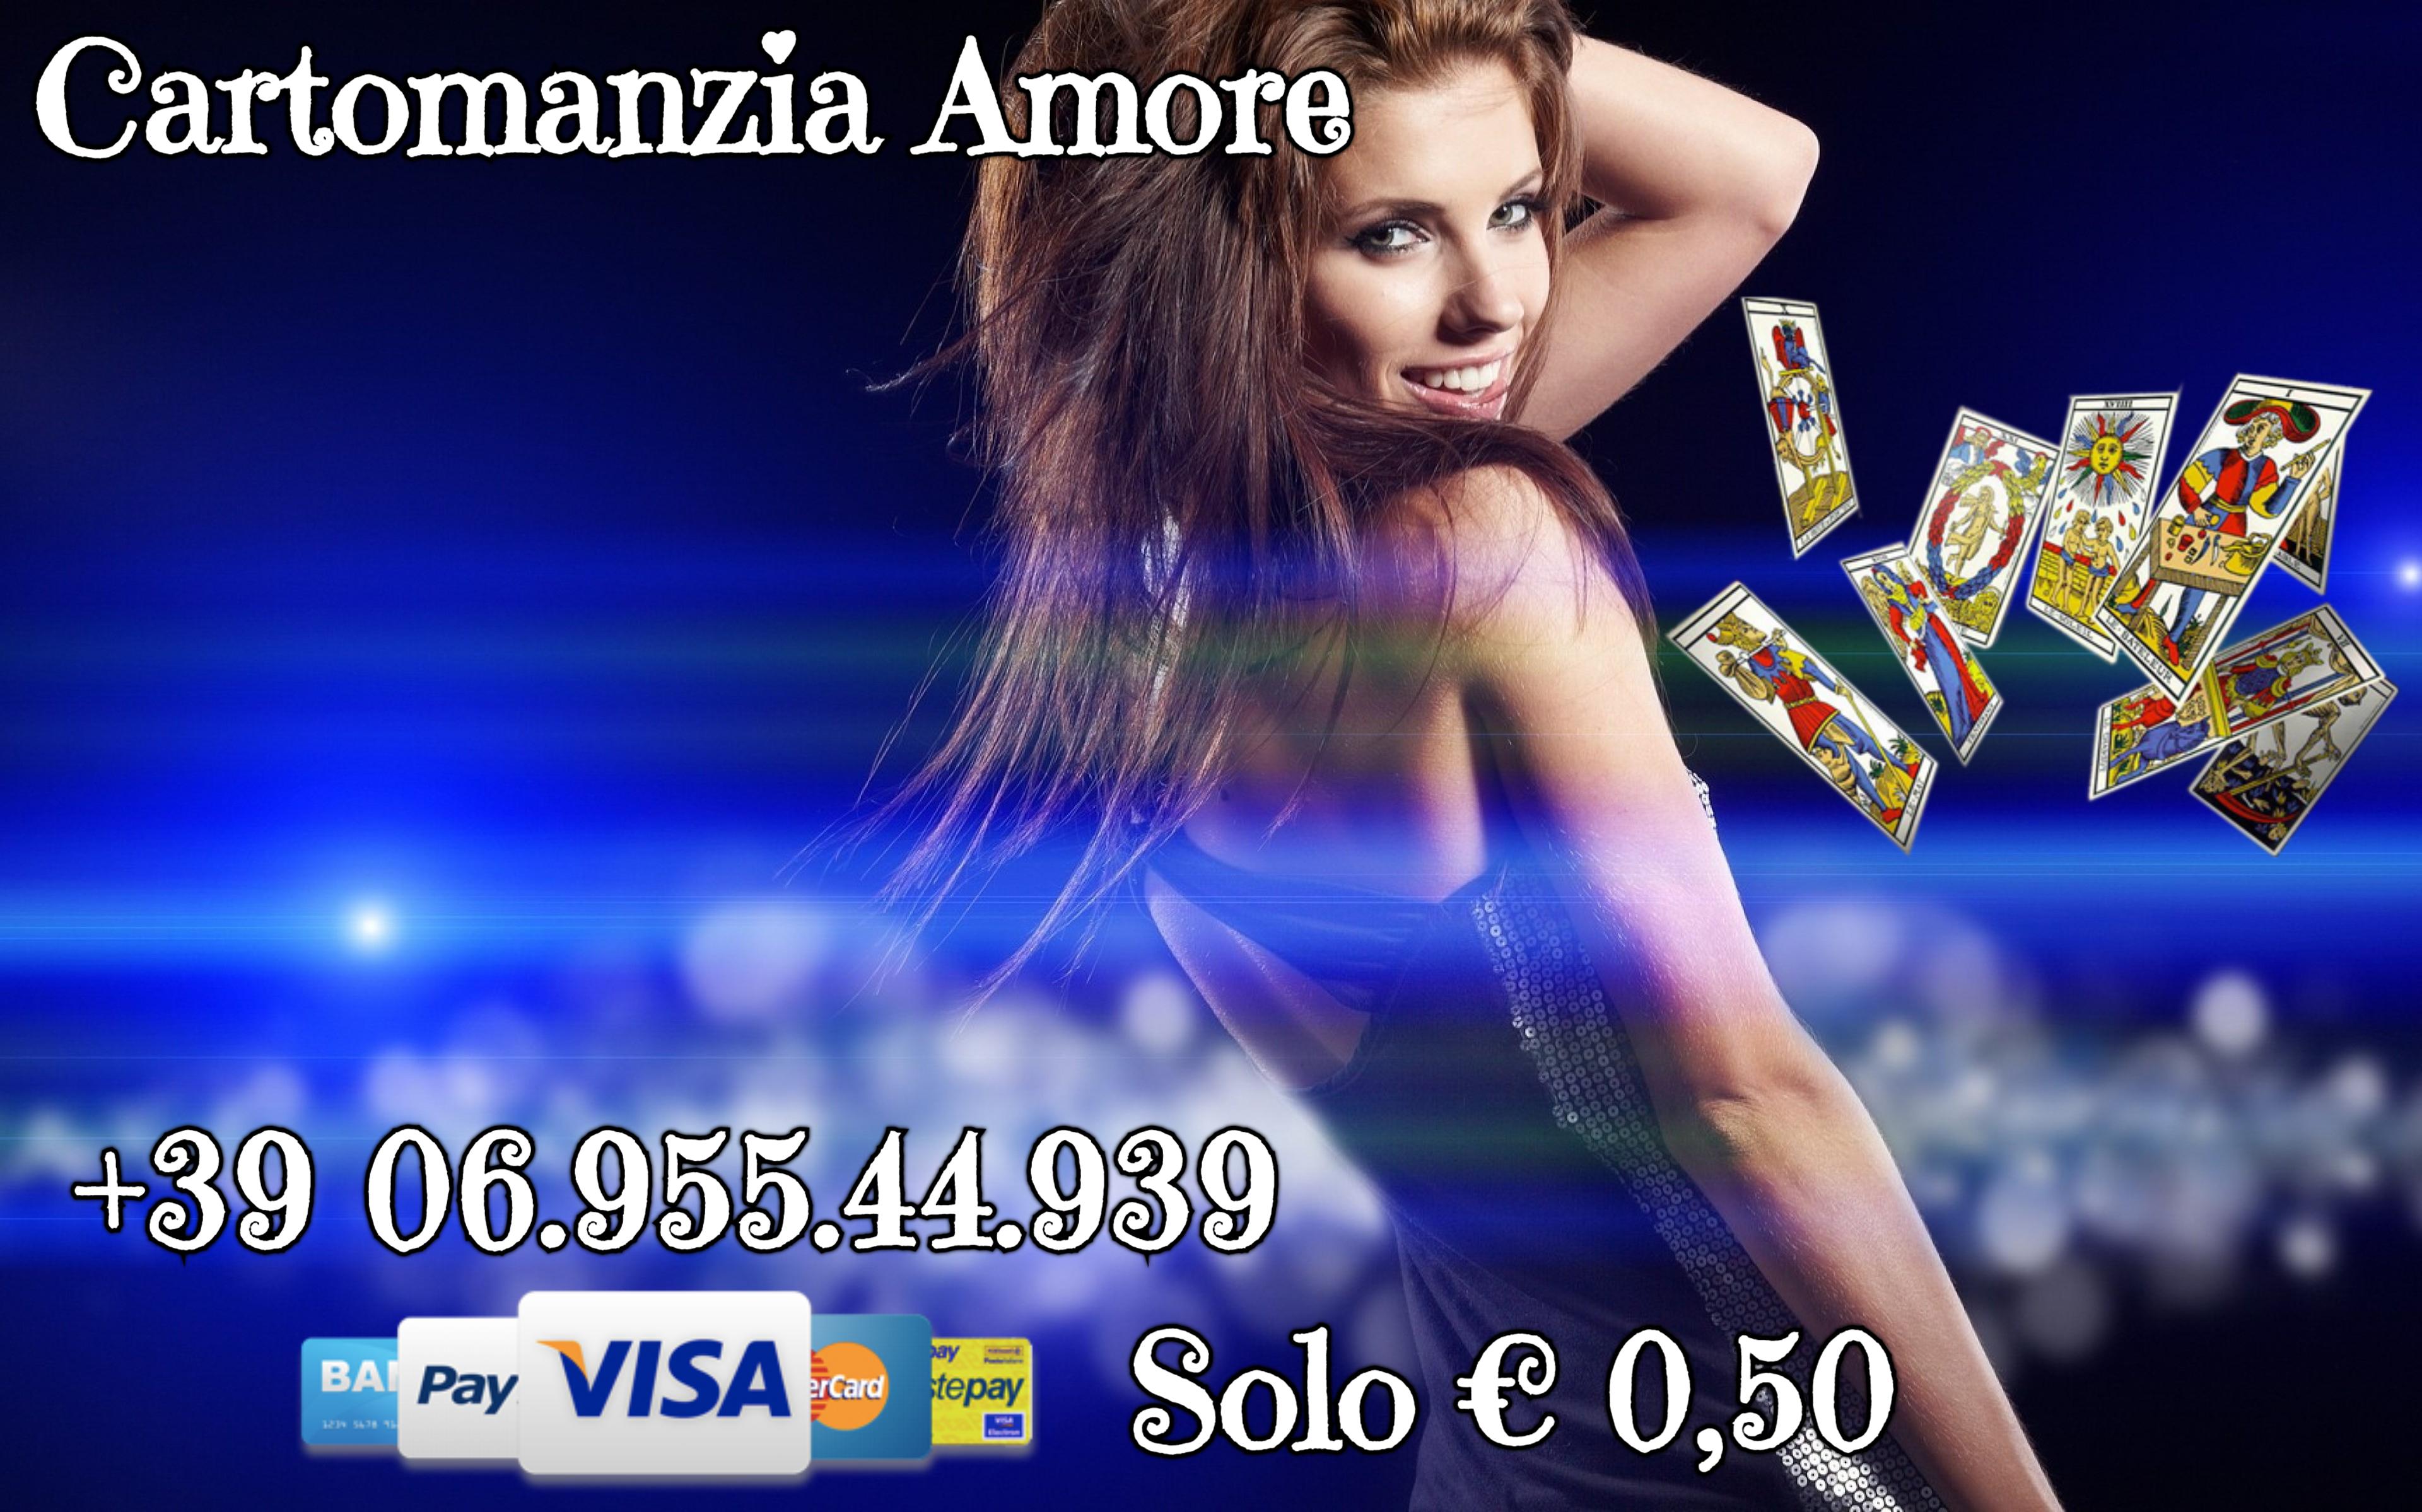 cartomanzia dalla germania carta di credito